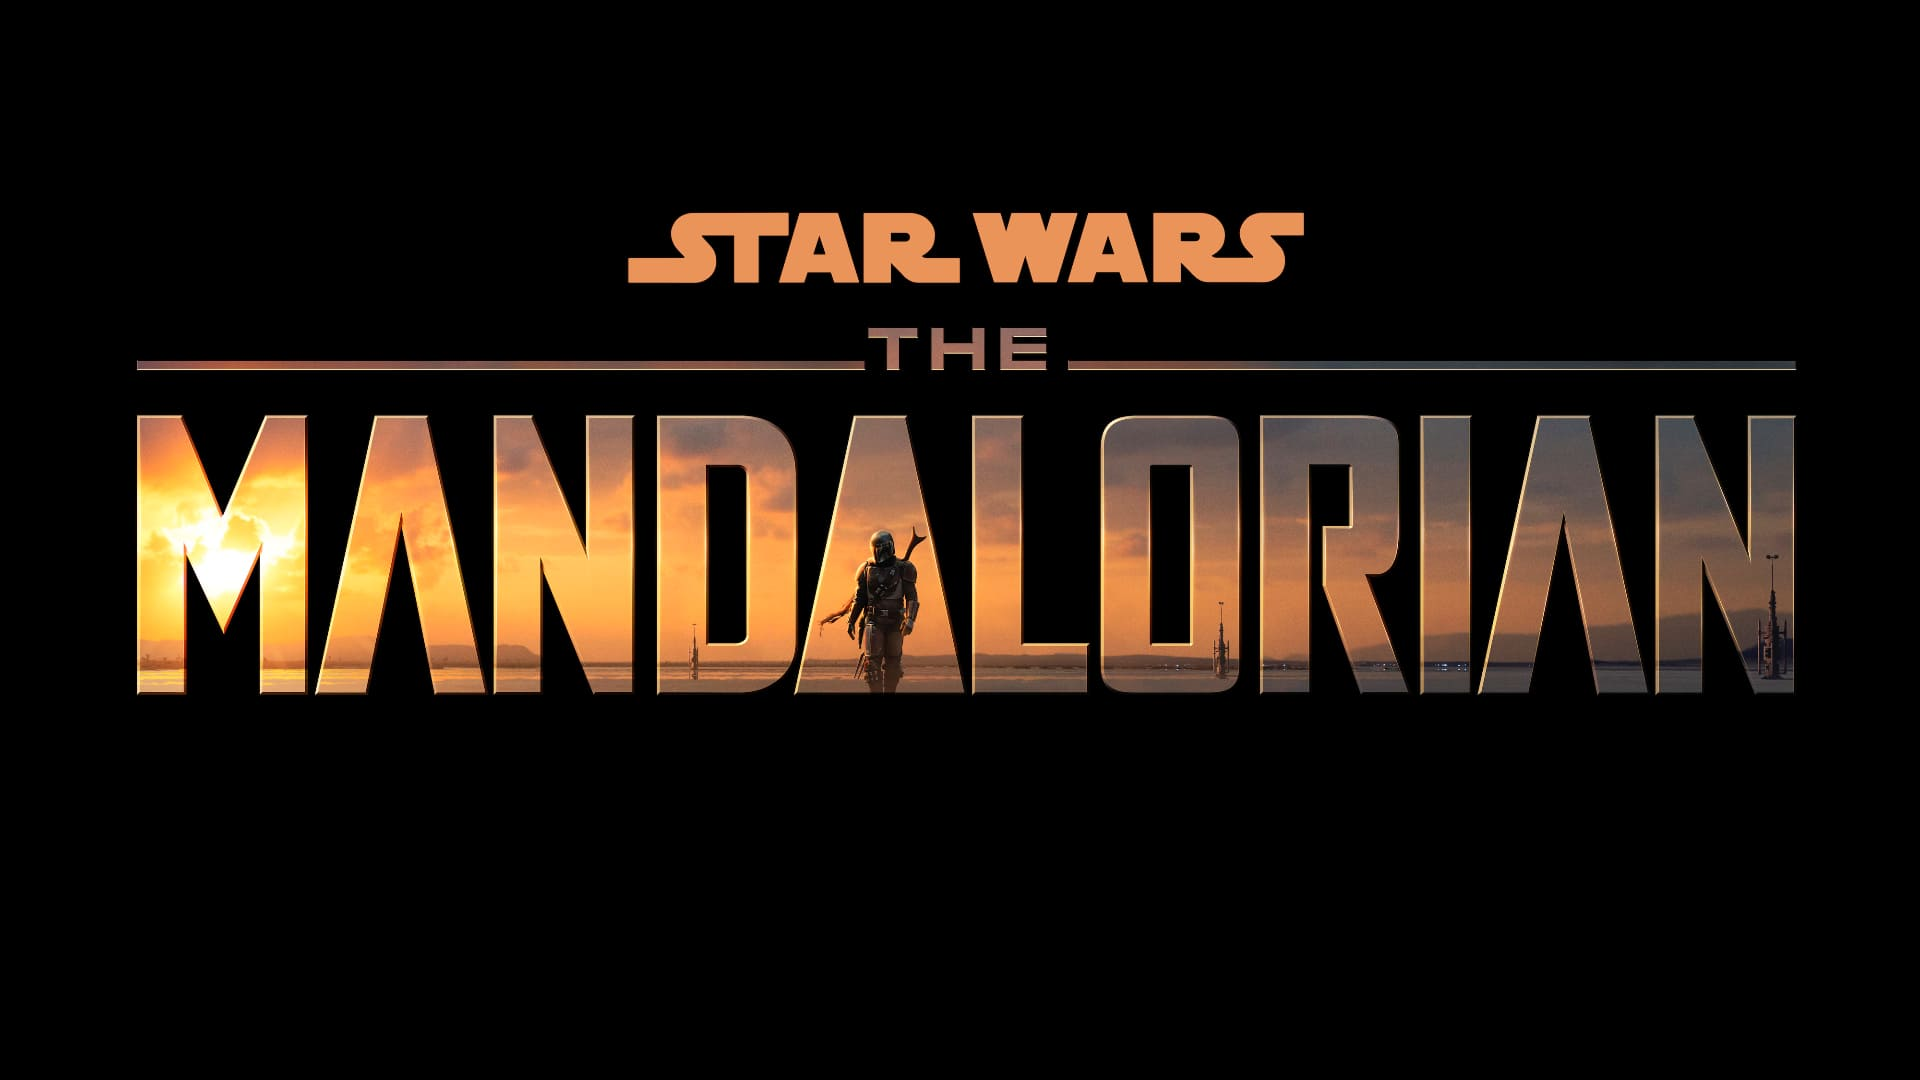 Disney Plus Original Content Mandalorian